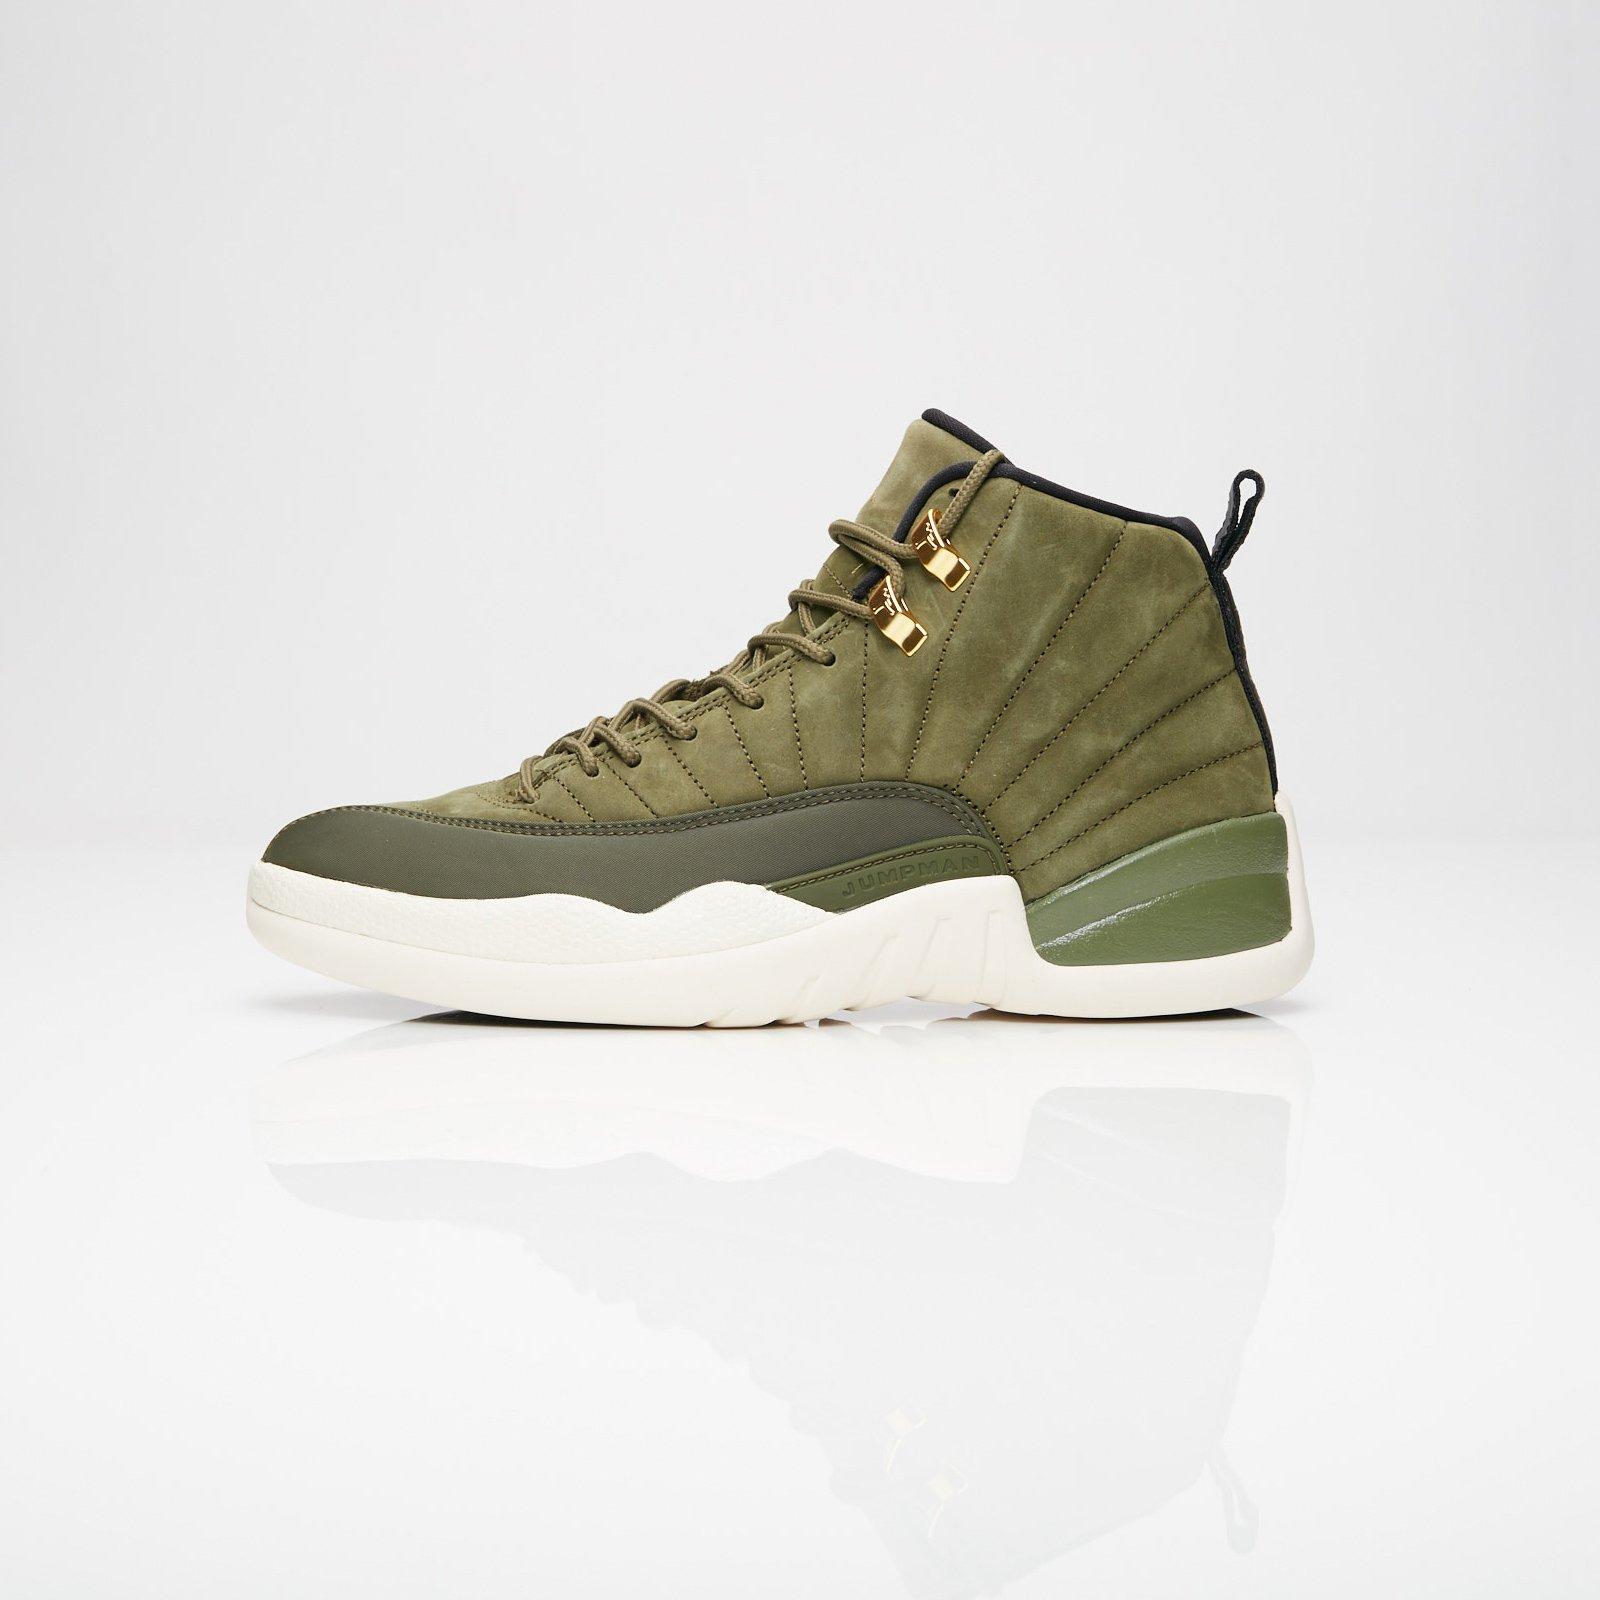 8fa0747f6e90 Jordan Brand Air Jordan 12 Retro - 130690-301 - Sneakersnstuff ...